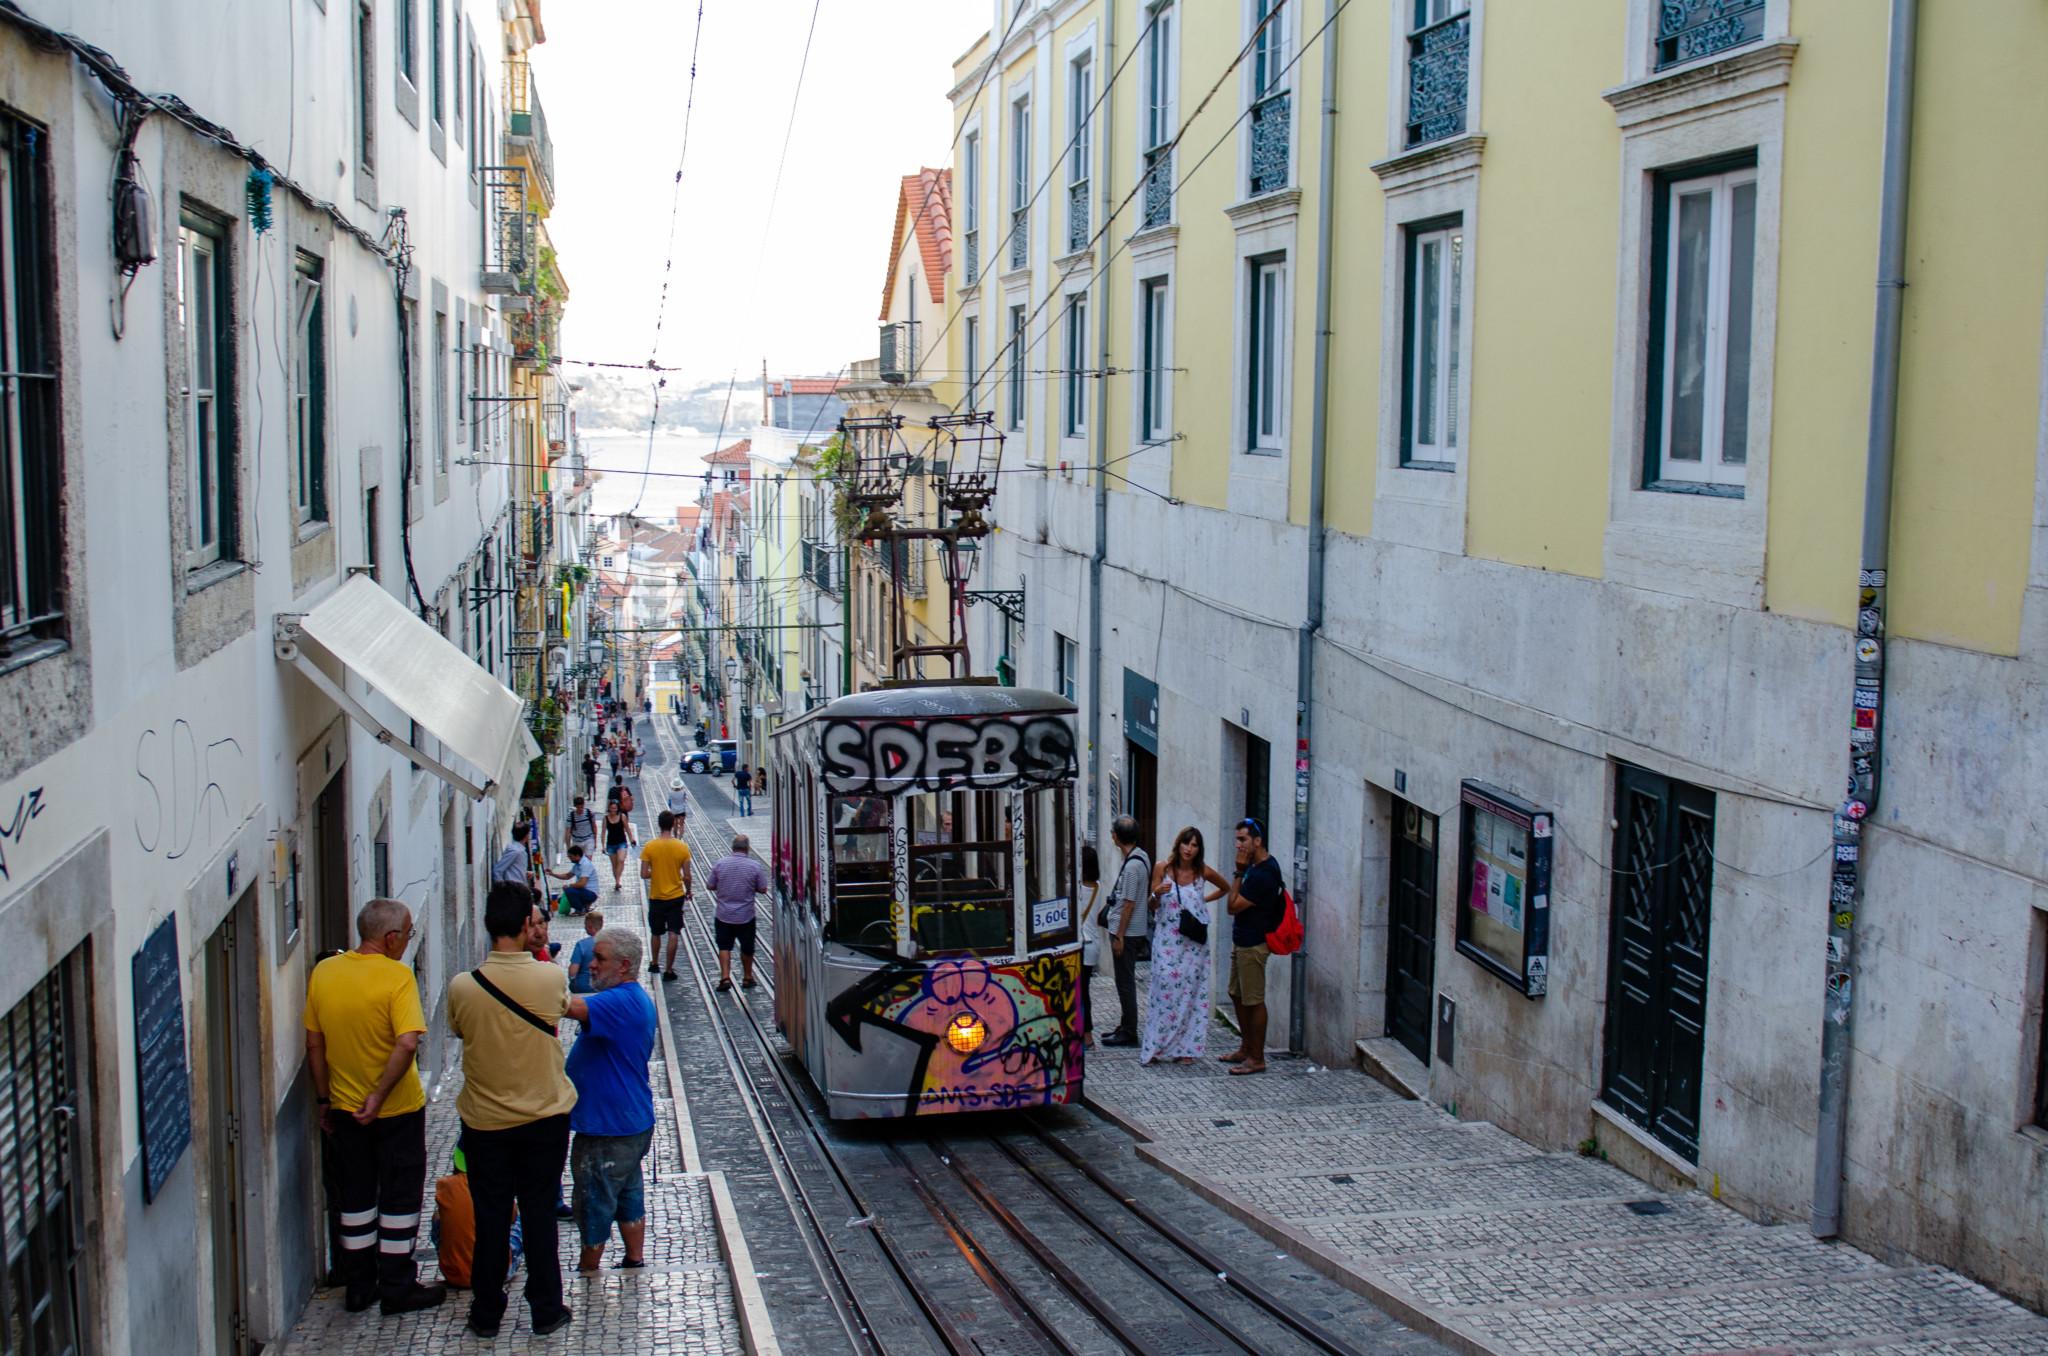 Lissabon lohnt sich auch im April